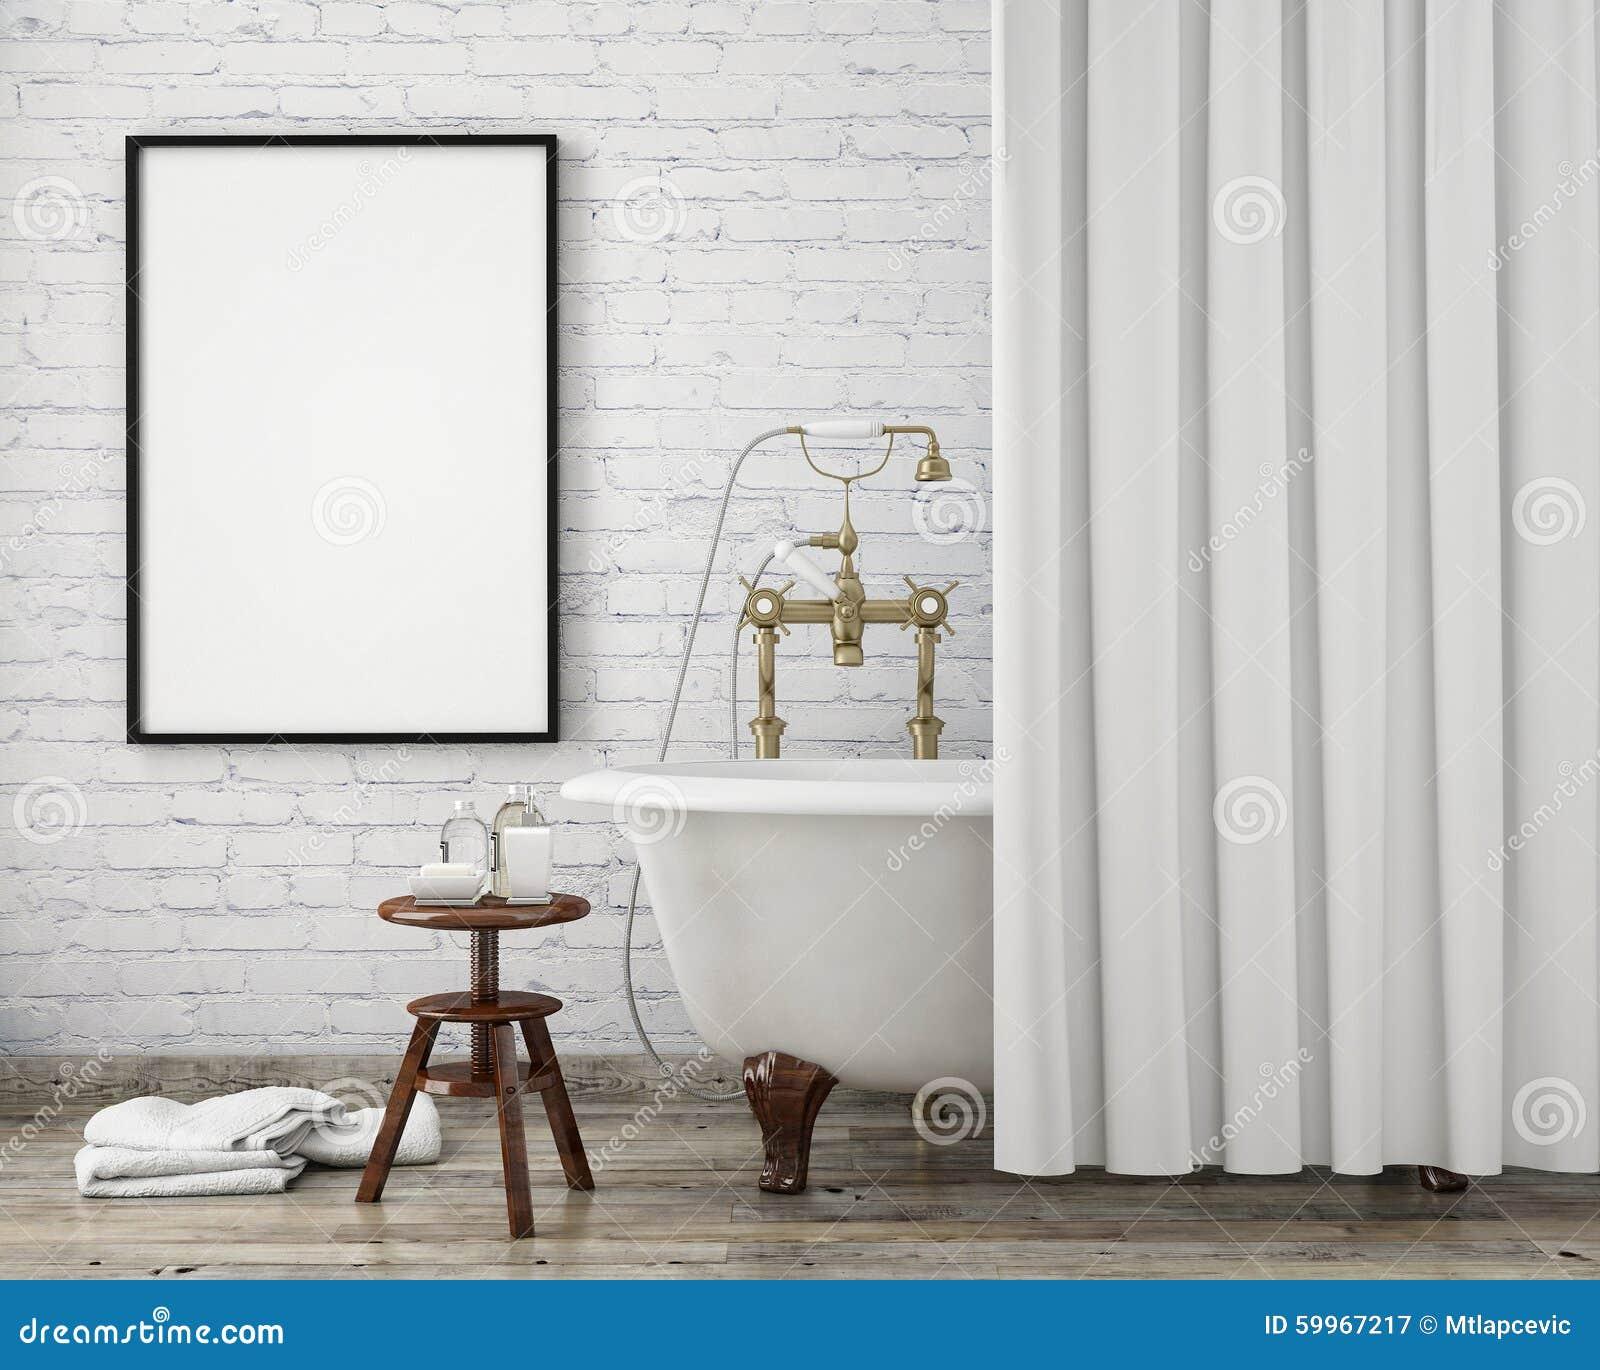 Mock up poster frame in vintage hipster bathroom, interior background,